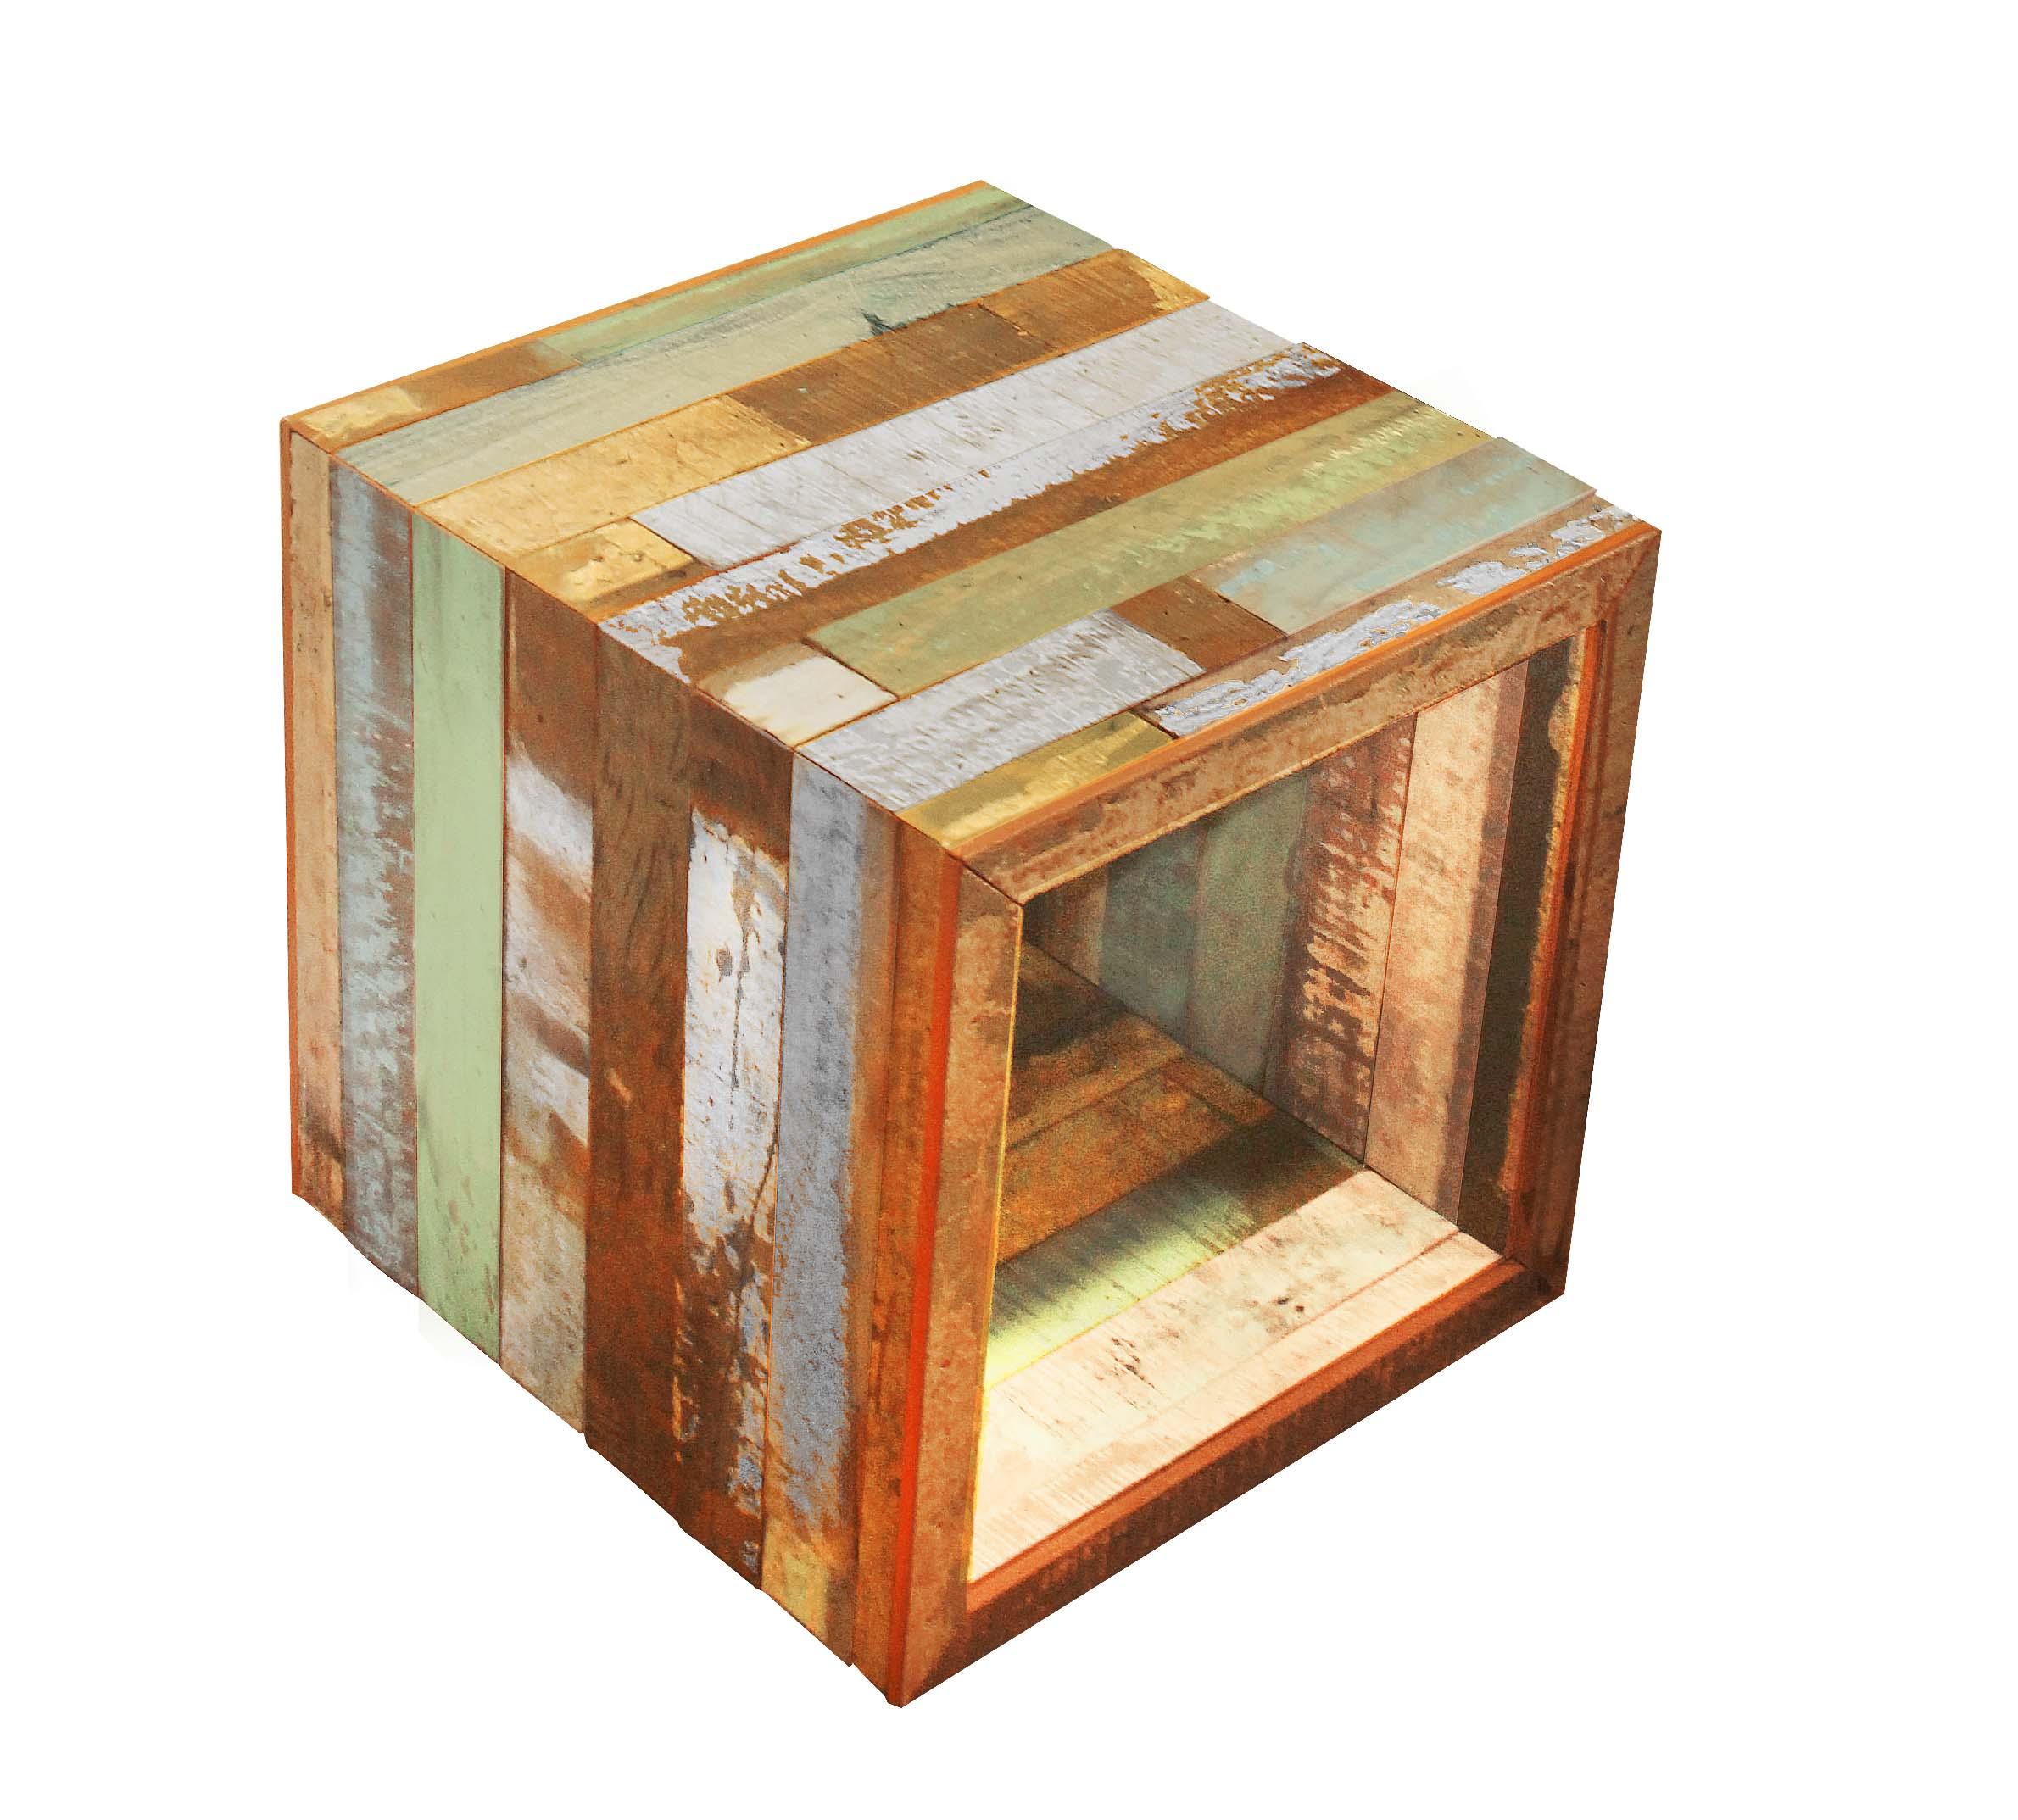 de apoio madeira  moveis rusticos – moveis em madeira de demolicao #B44217 2380x2147